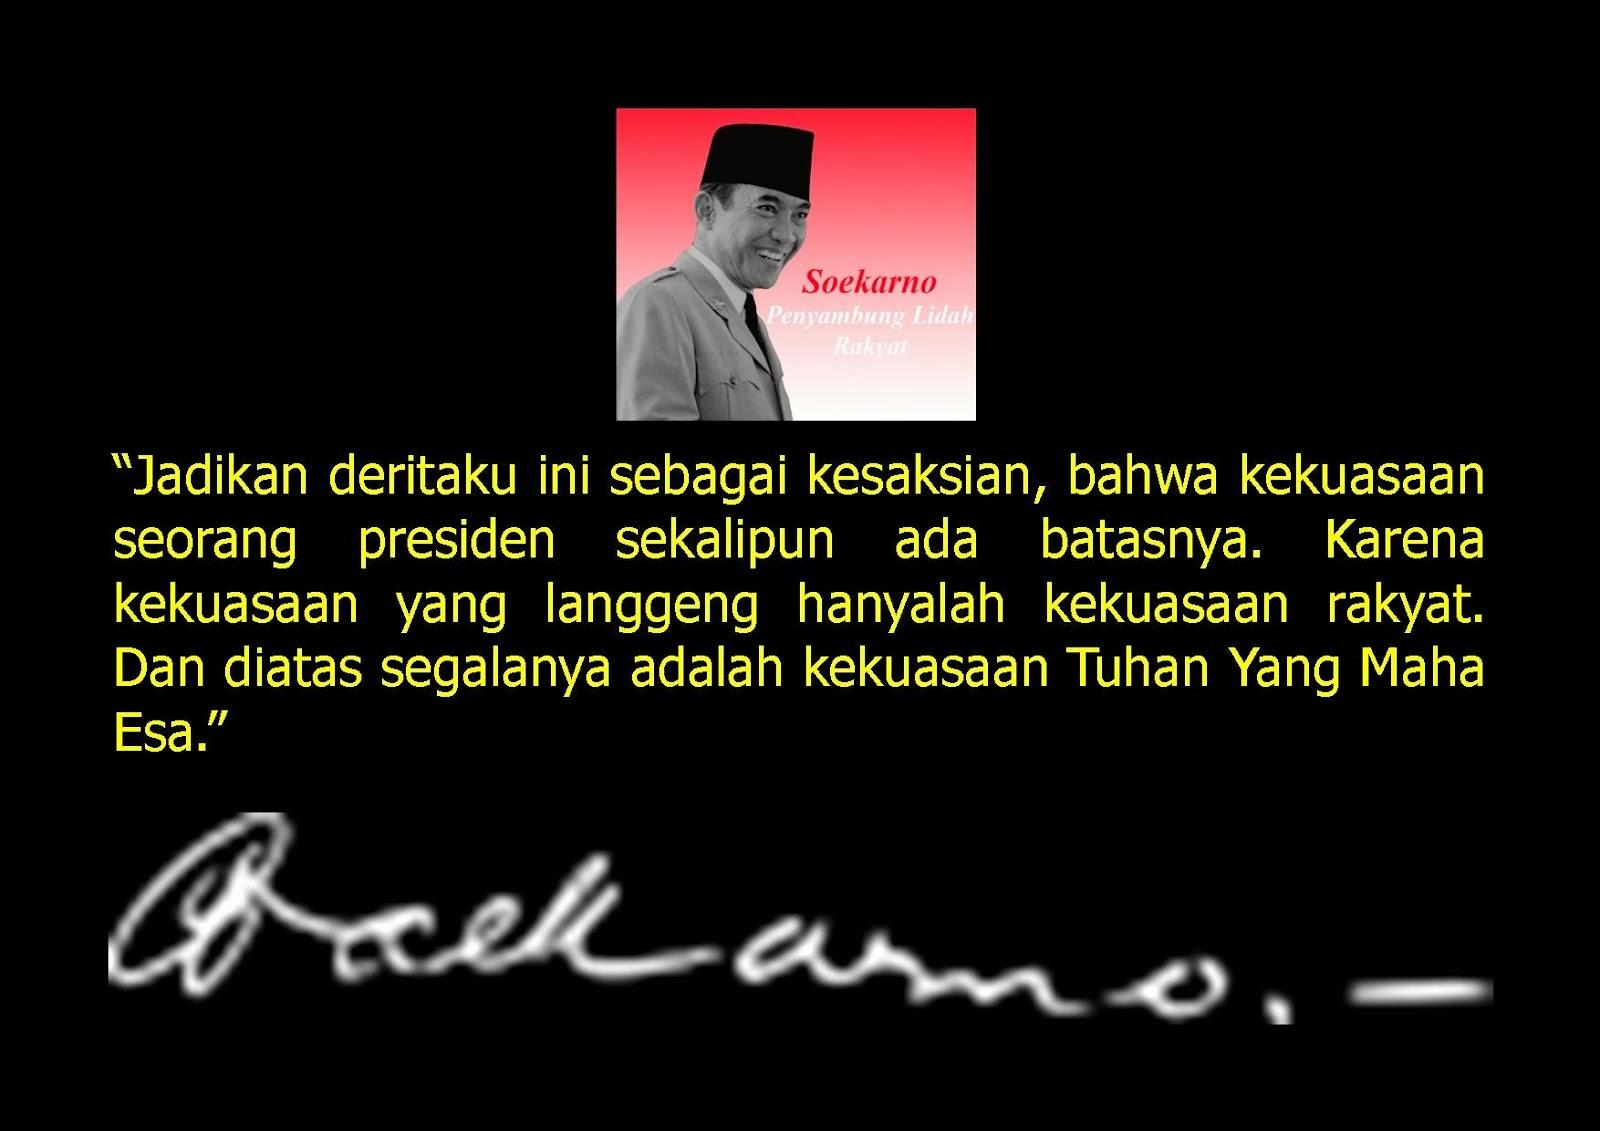 Kata Motivasi Bijak dari Soekarno | Komunitas Indahnya Berbagi